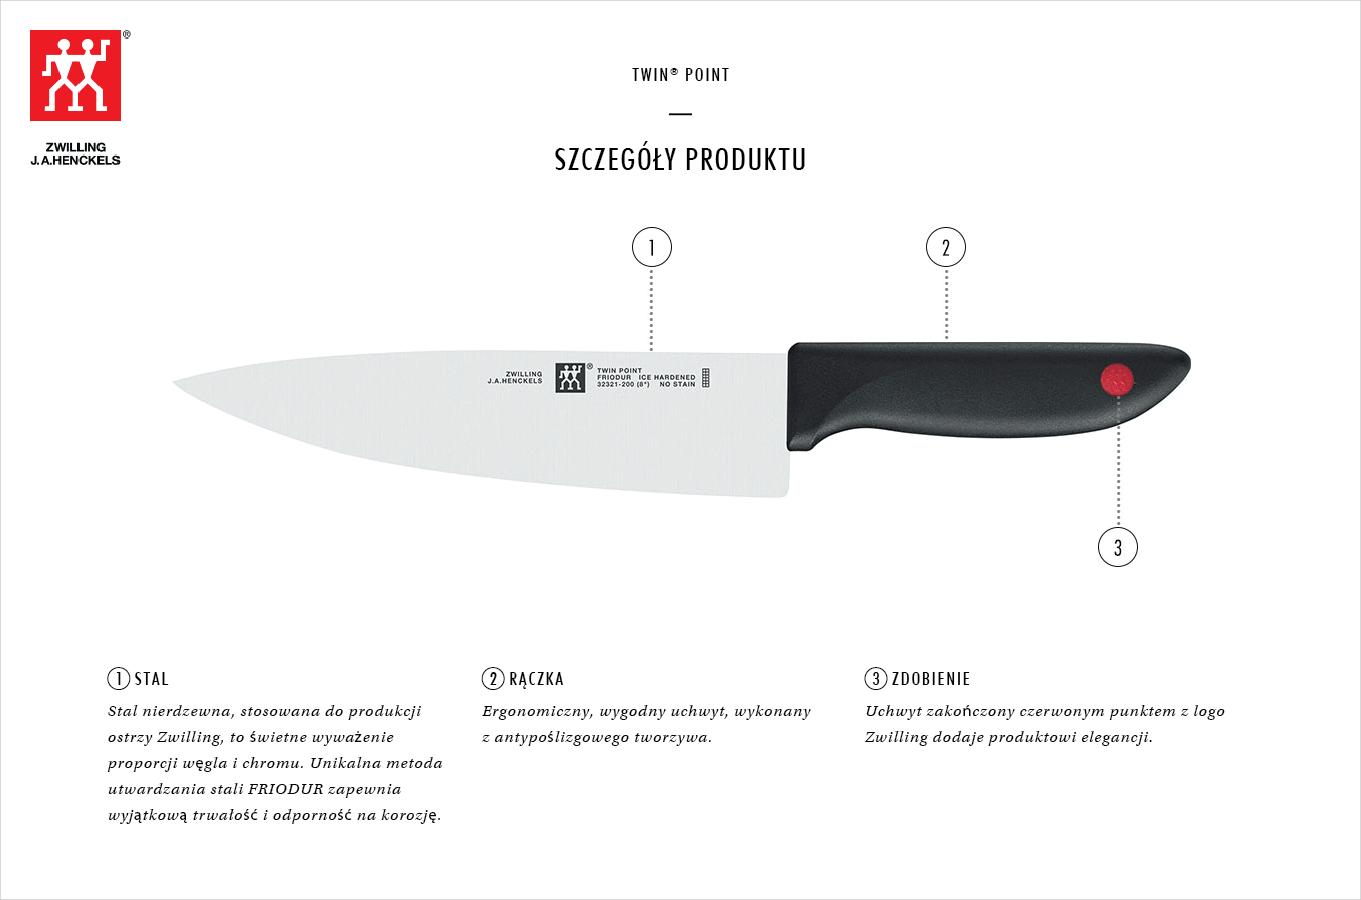 Dlaczego warto kupić zestaw 2 noży Zwilling Twin® Point?